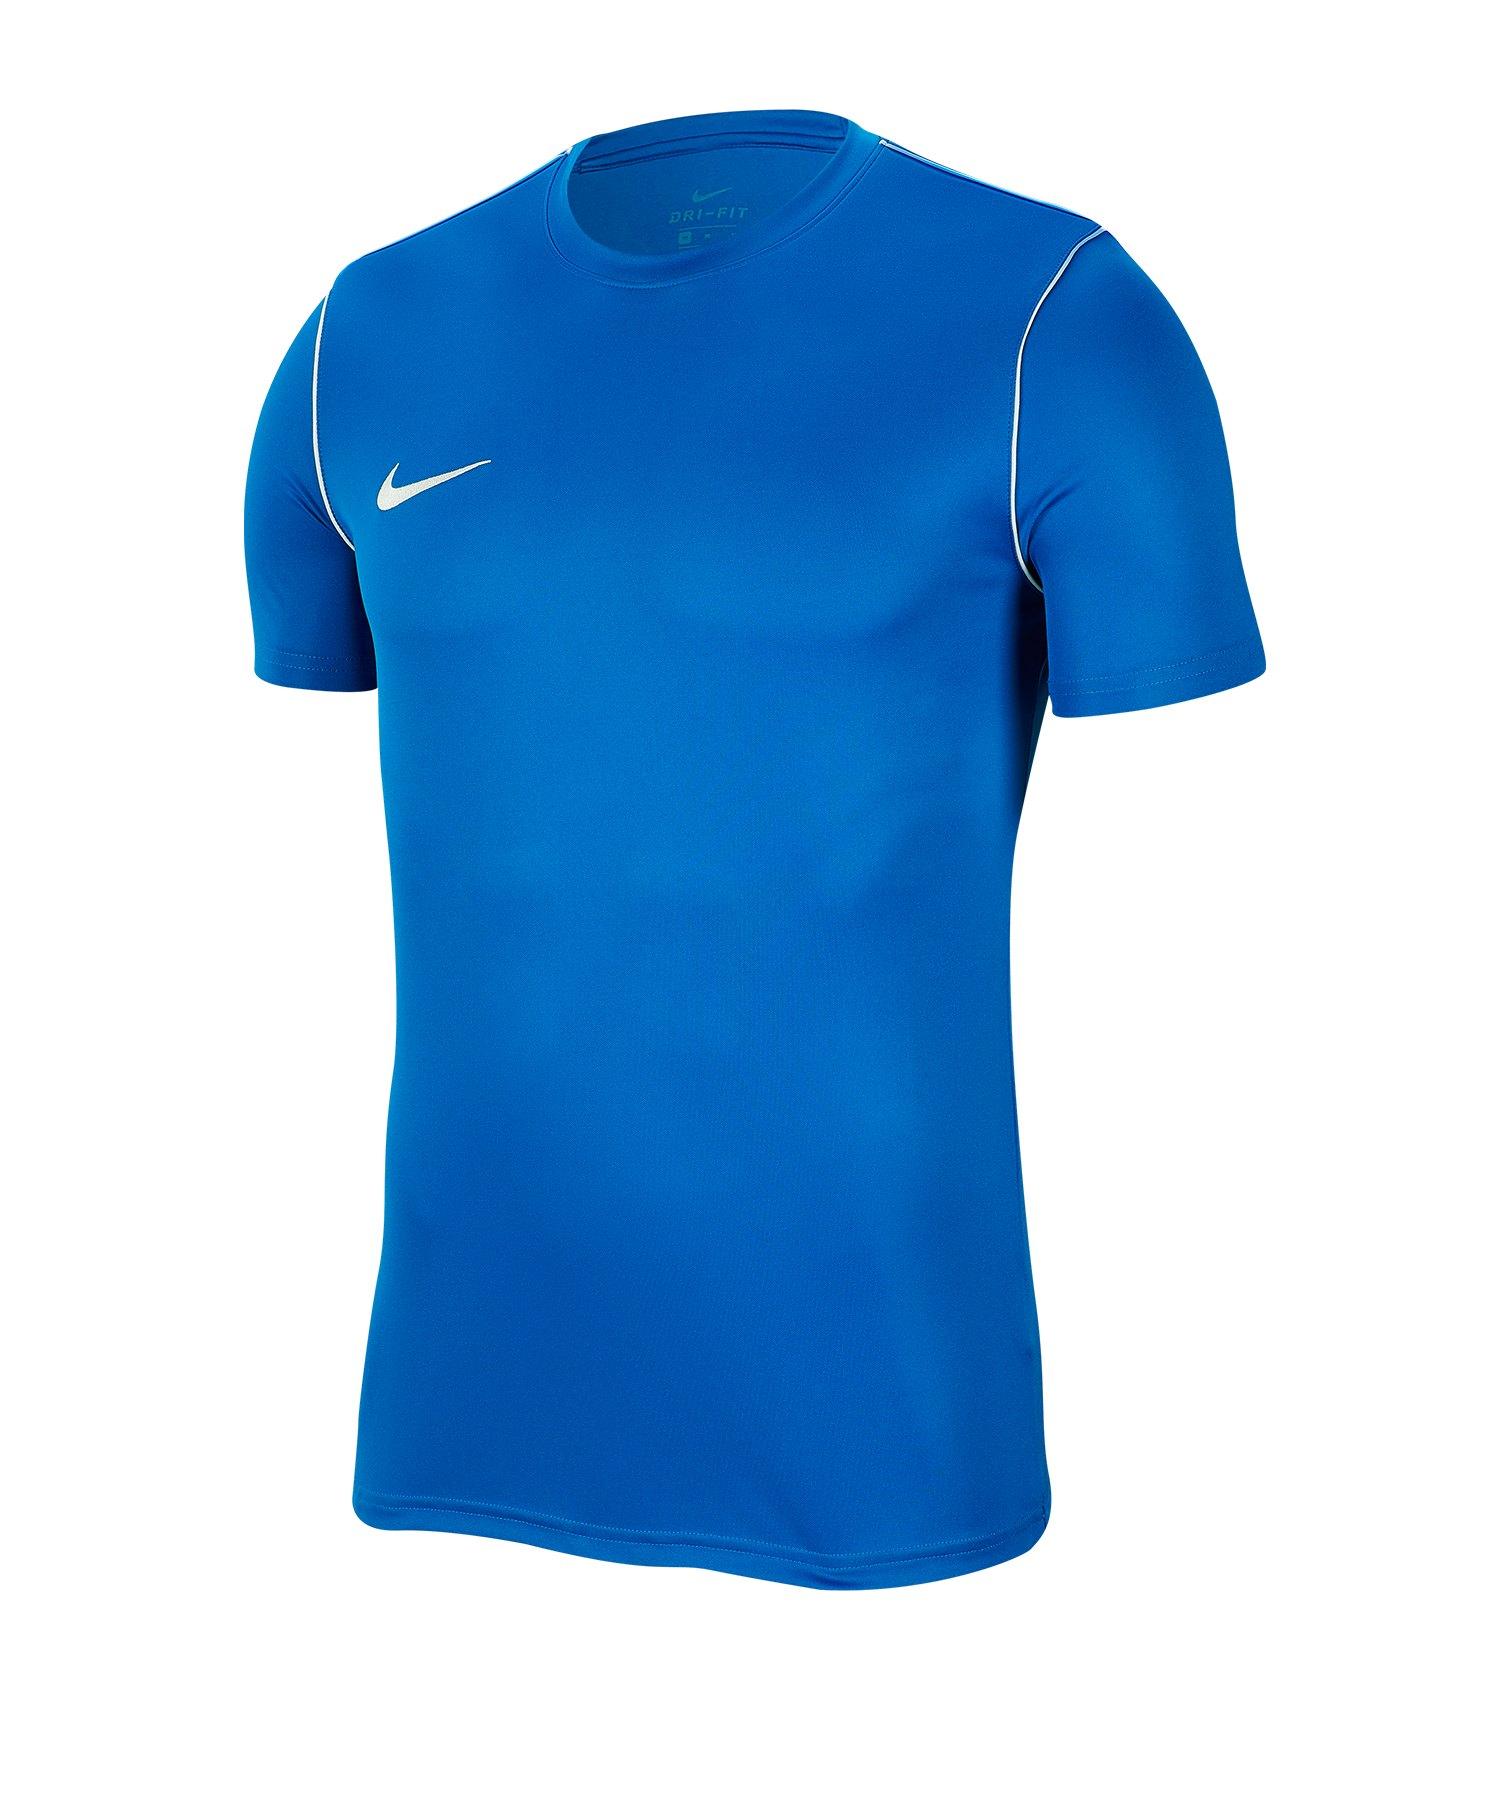 Nike Park 20 Training Shirt kurzarm Kids Blau F463 - blau